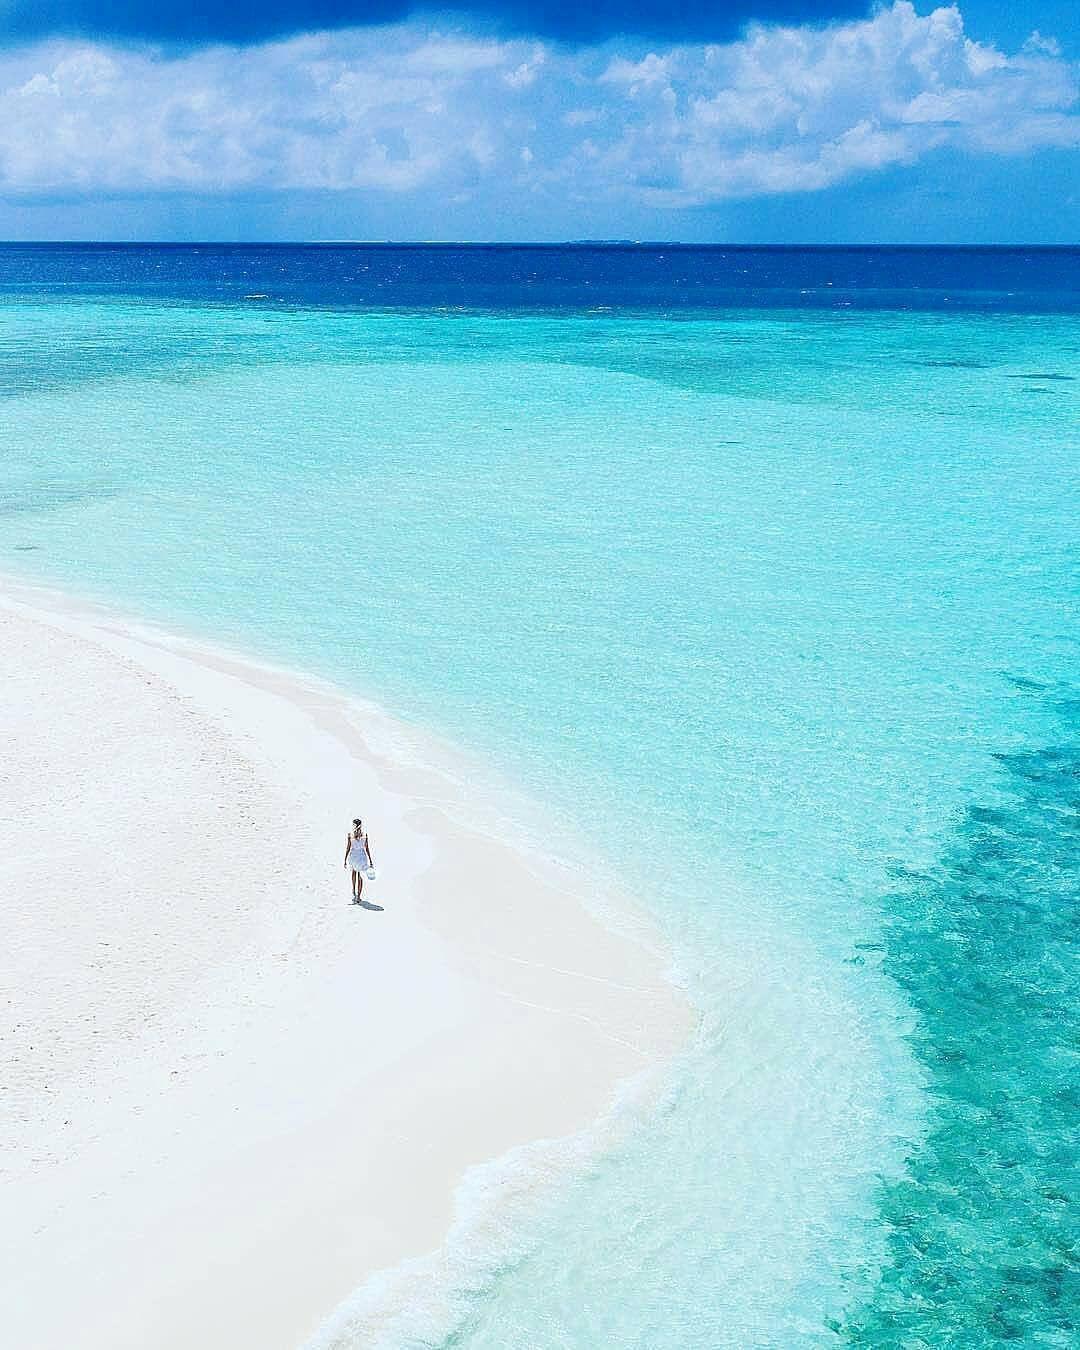 Maldives Beach: The Maldives Islands #Maldives In 2019